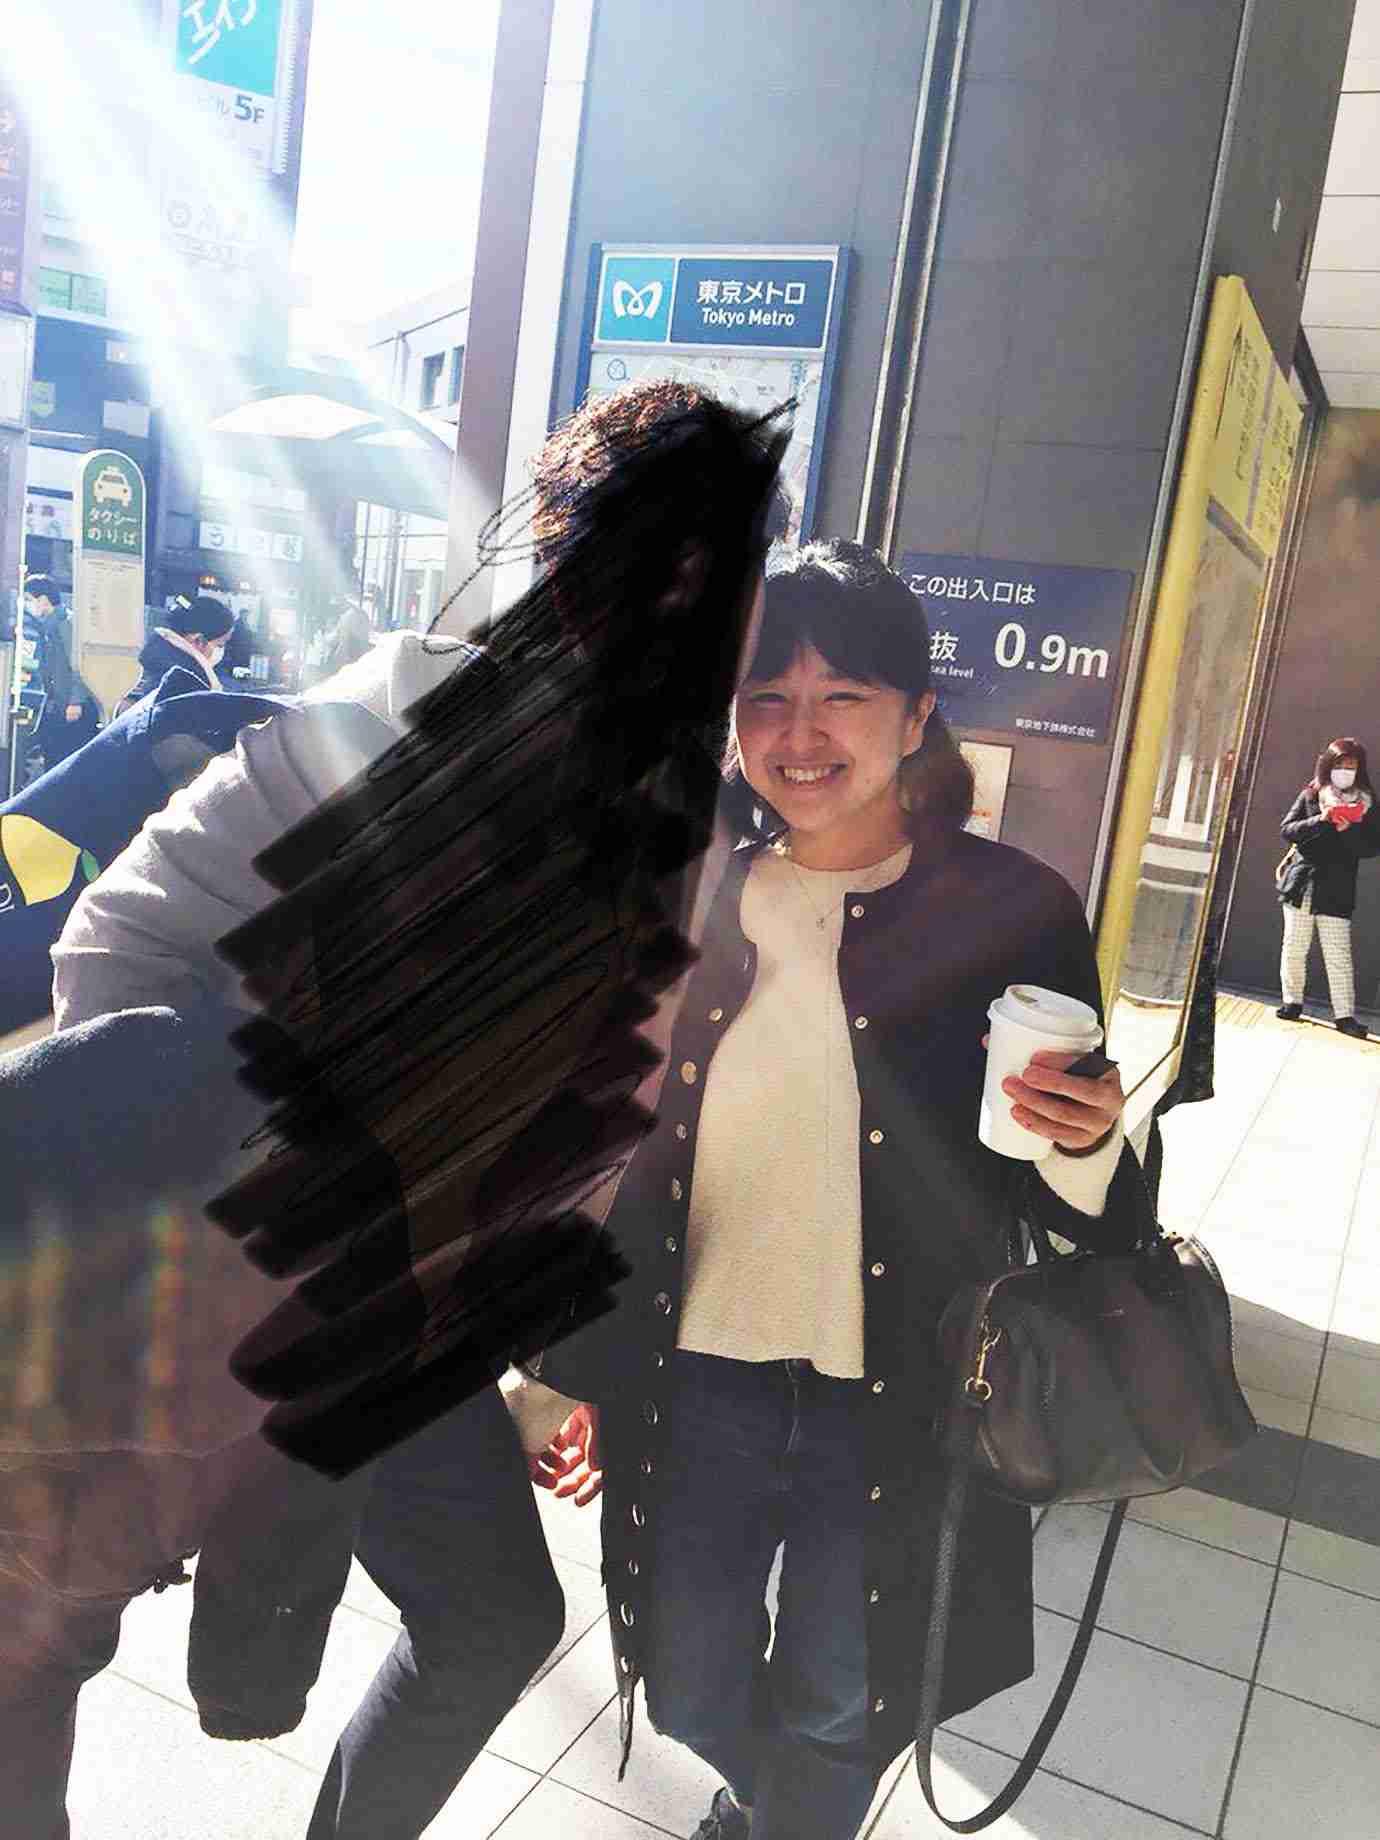 【緊急事態】子供の奨学金を奪って大学生と駆け落ちした母親が大炎上 / インターネット上で公開捜査「母親は元タレントの電波子17号」 | バズプラスニュース Buzz+